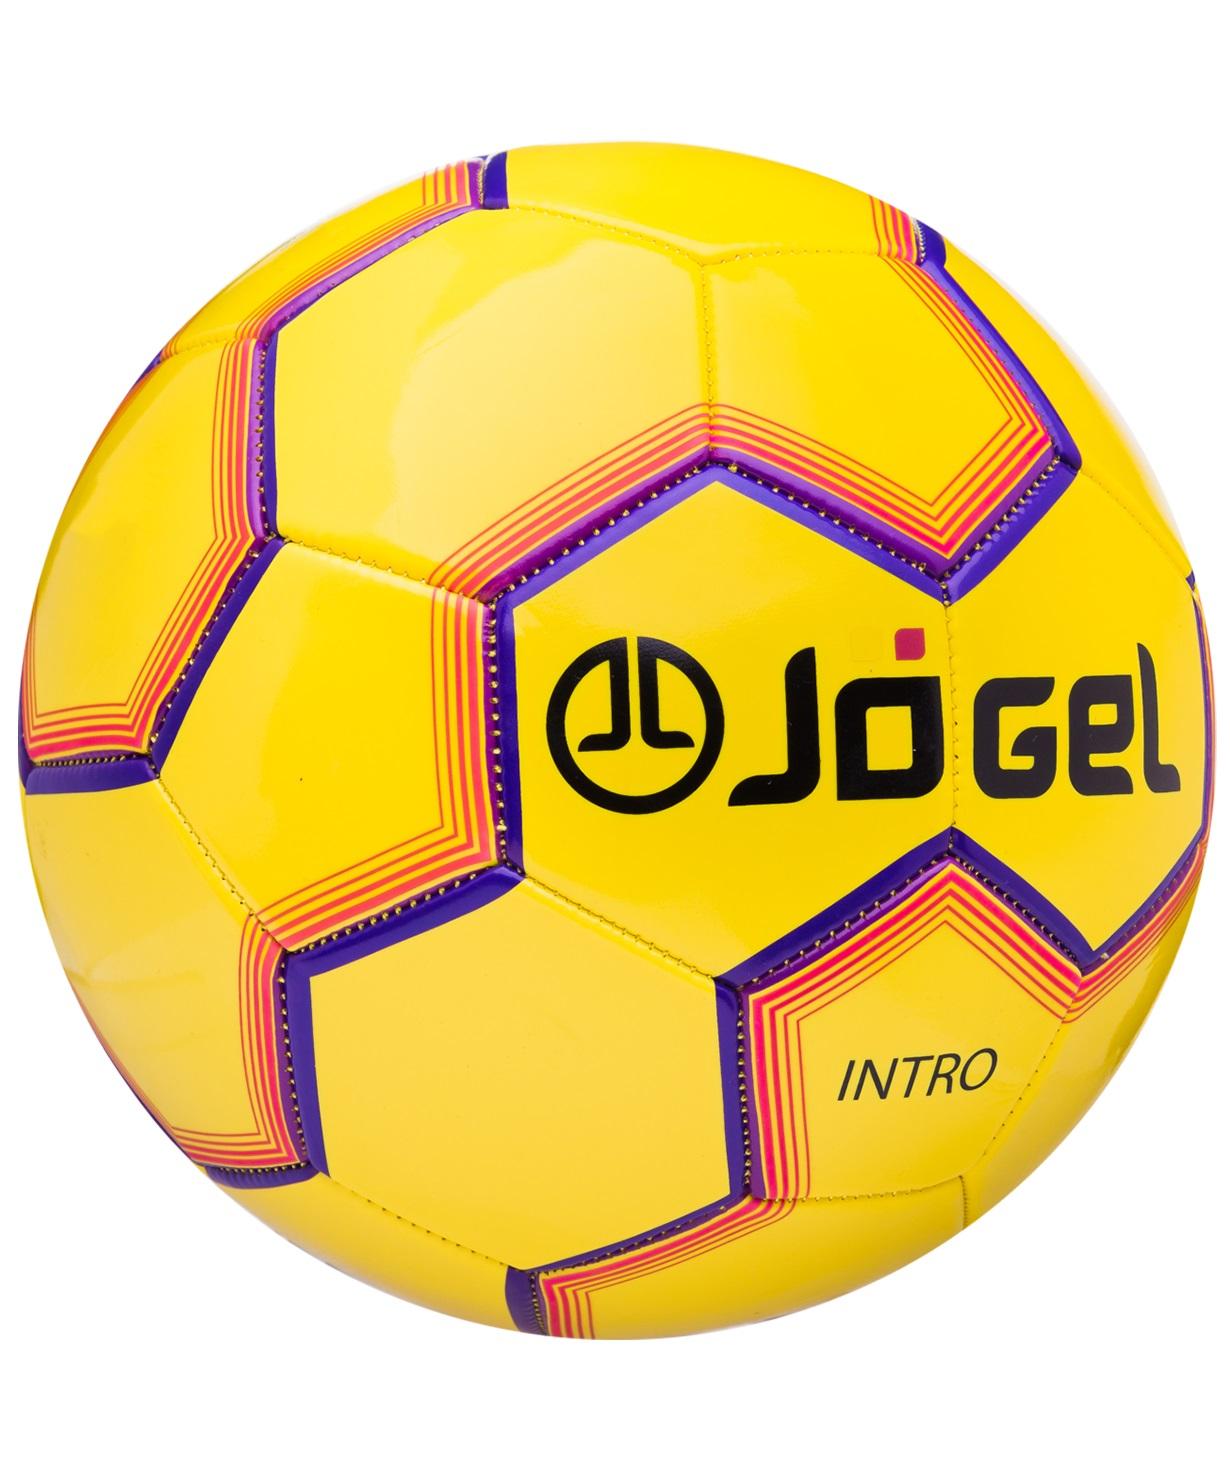 c2ac043e Футбольные мячи Intro - каталог цен, где купить в интернет-магазинах ...